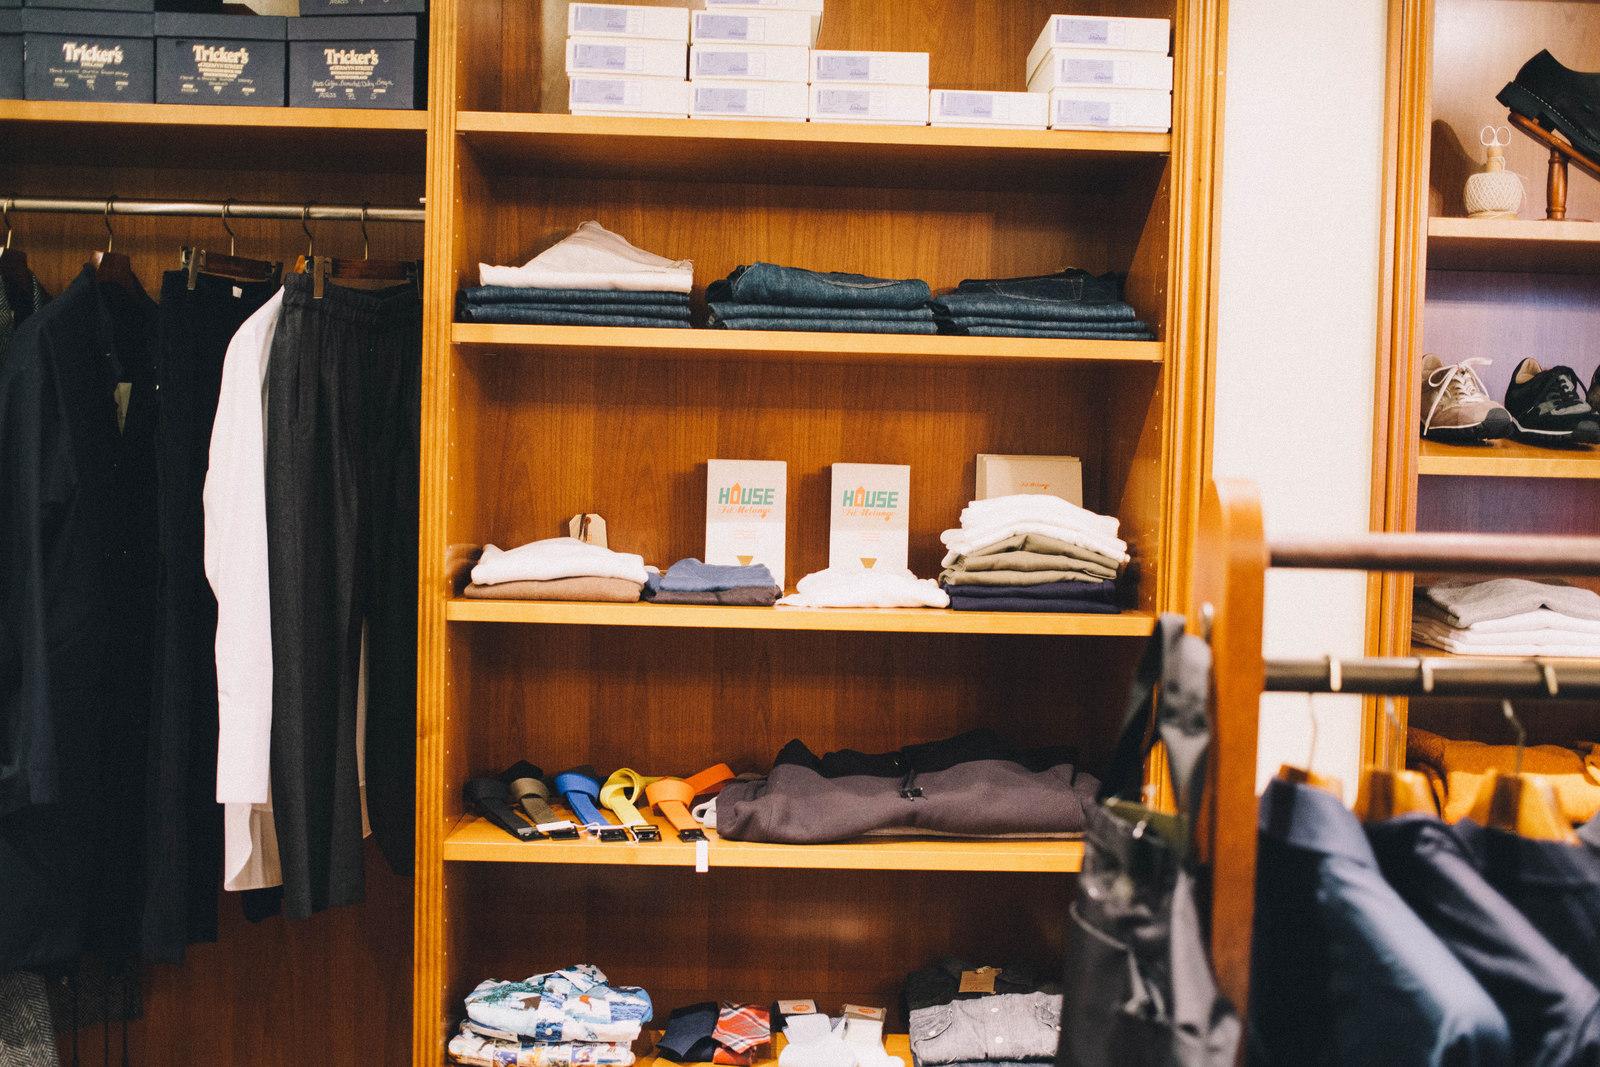 代々木上原のセレクトショップ バーニッシュ 店内の様子 棚にはフィルメランジェ